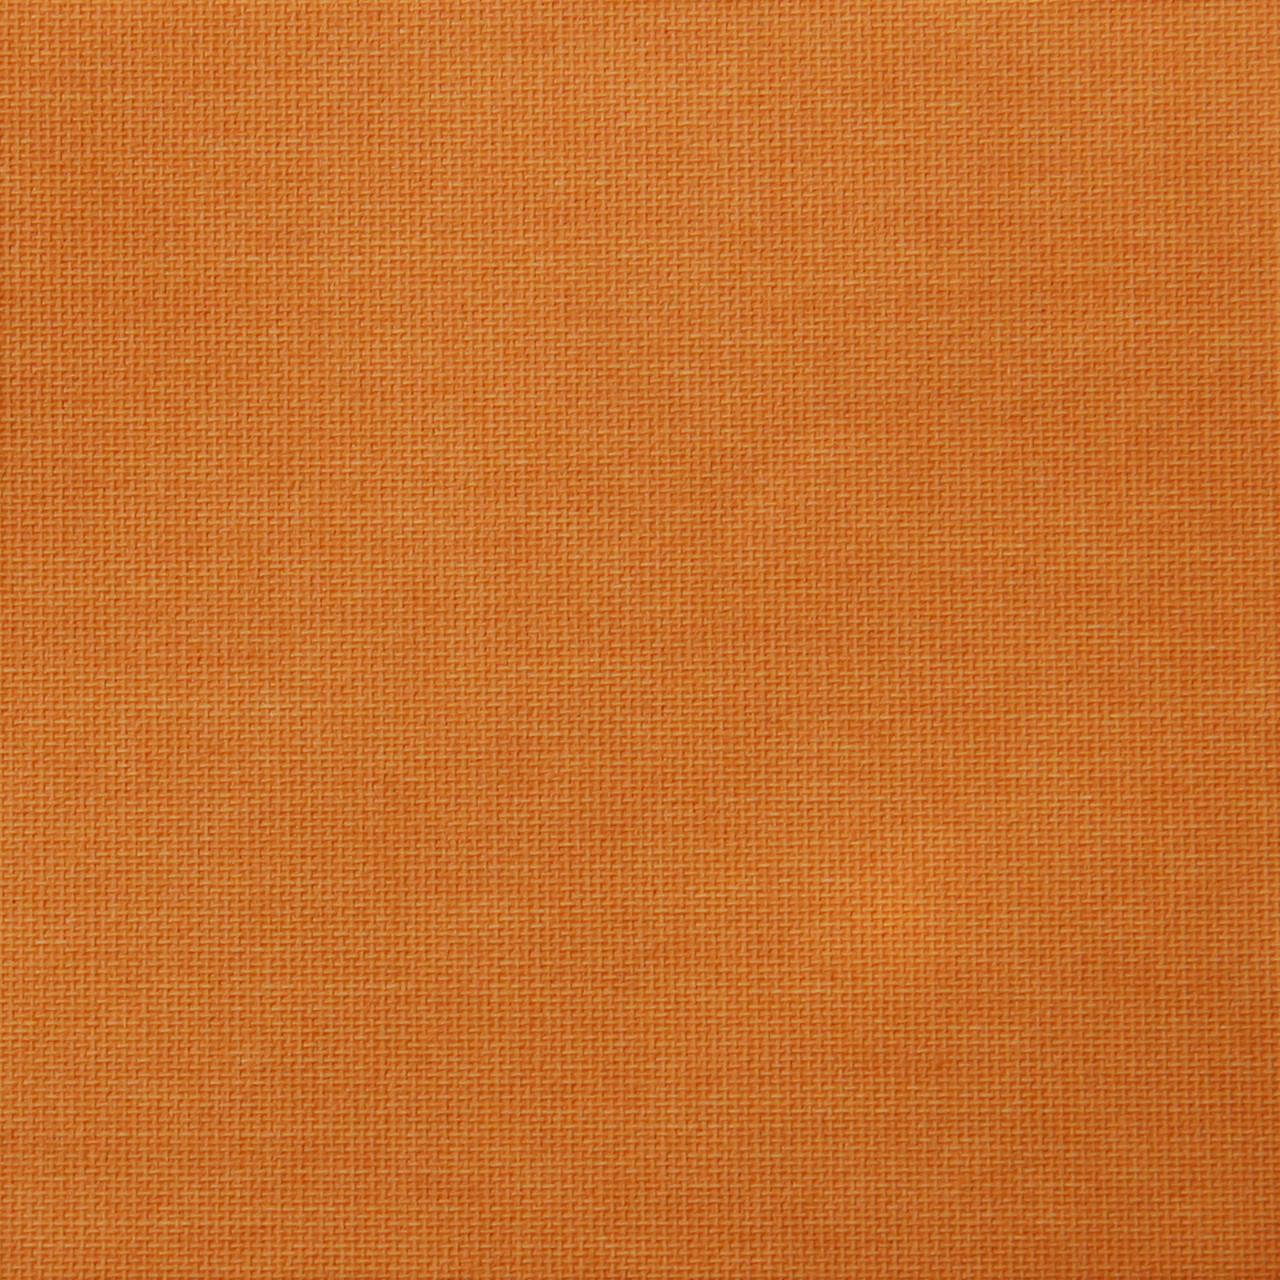 Рулонные шторы Ткань Однотонная А-617 Коралл